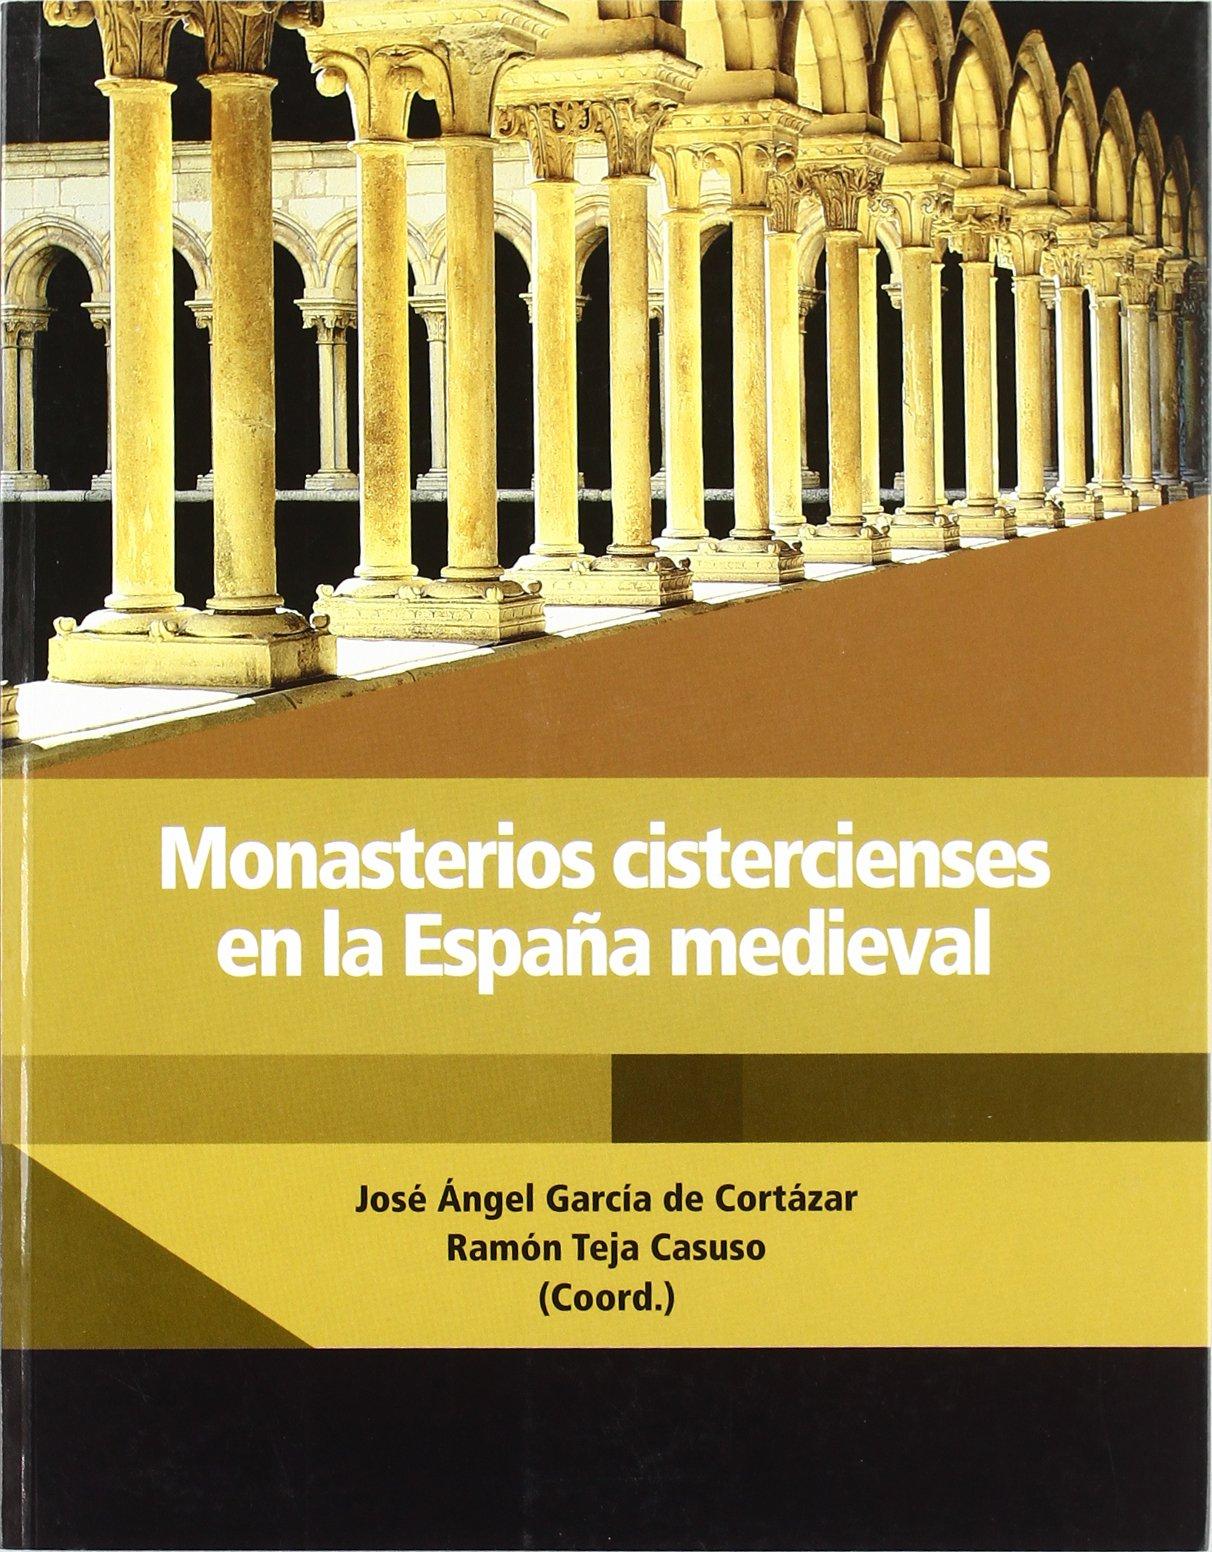 Monasterios cistercienses en la España medieval: Amazon.es: Vv.Aa.: Libros